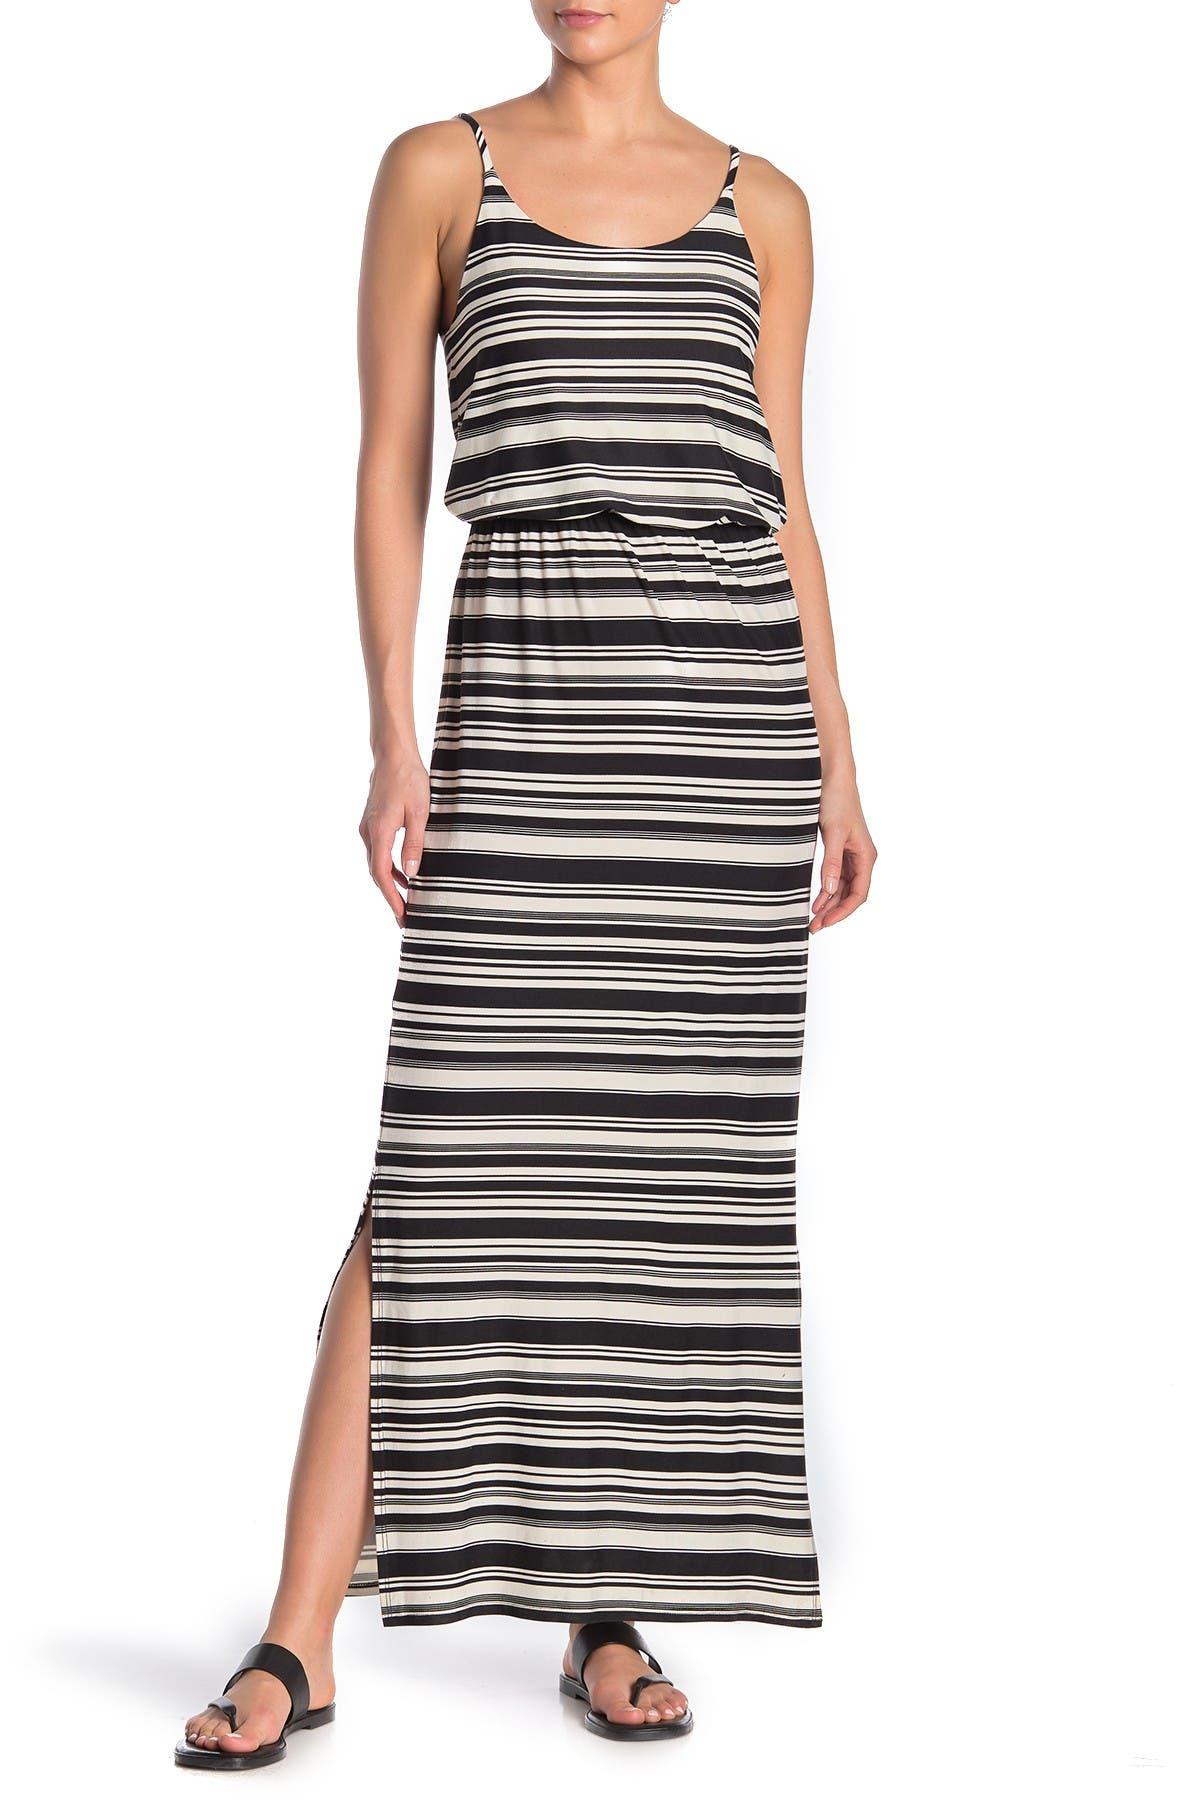 Image of Nina Leonard Sleeveless Striped Maxi Dress